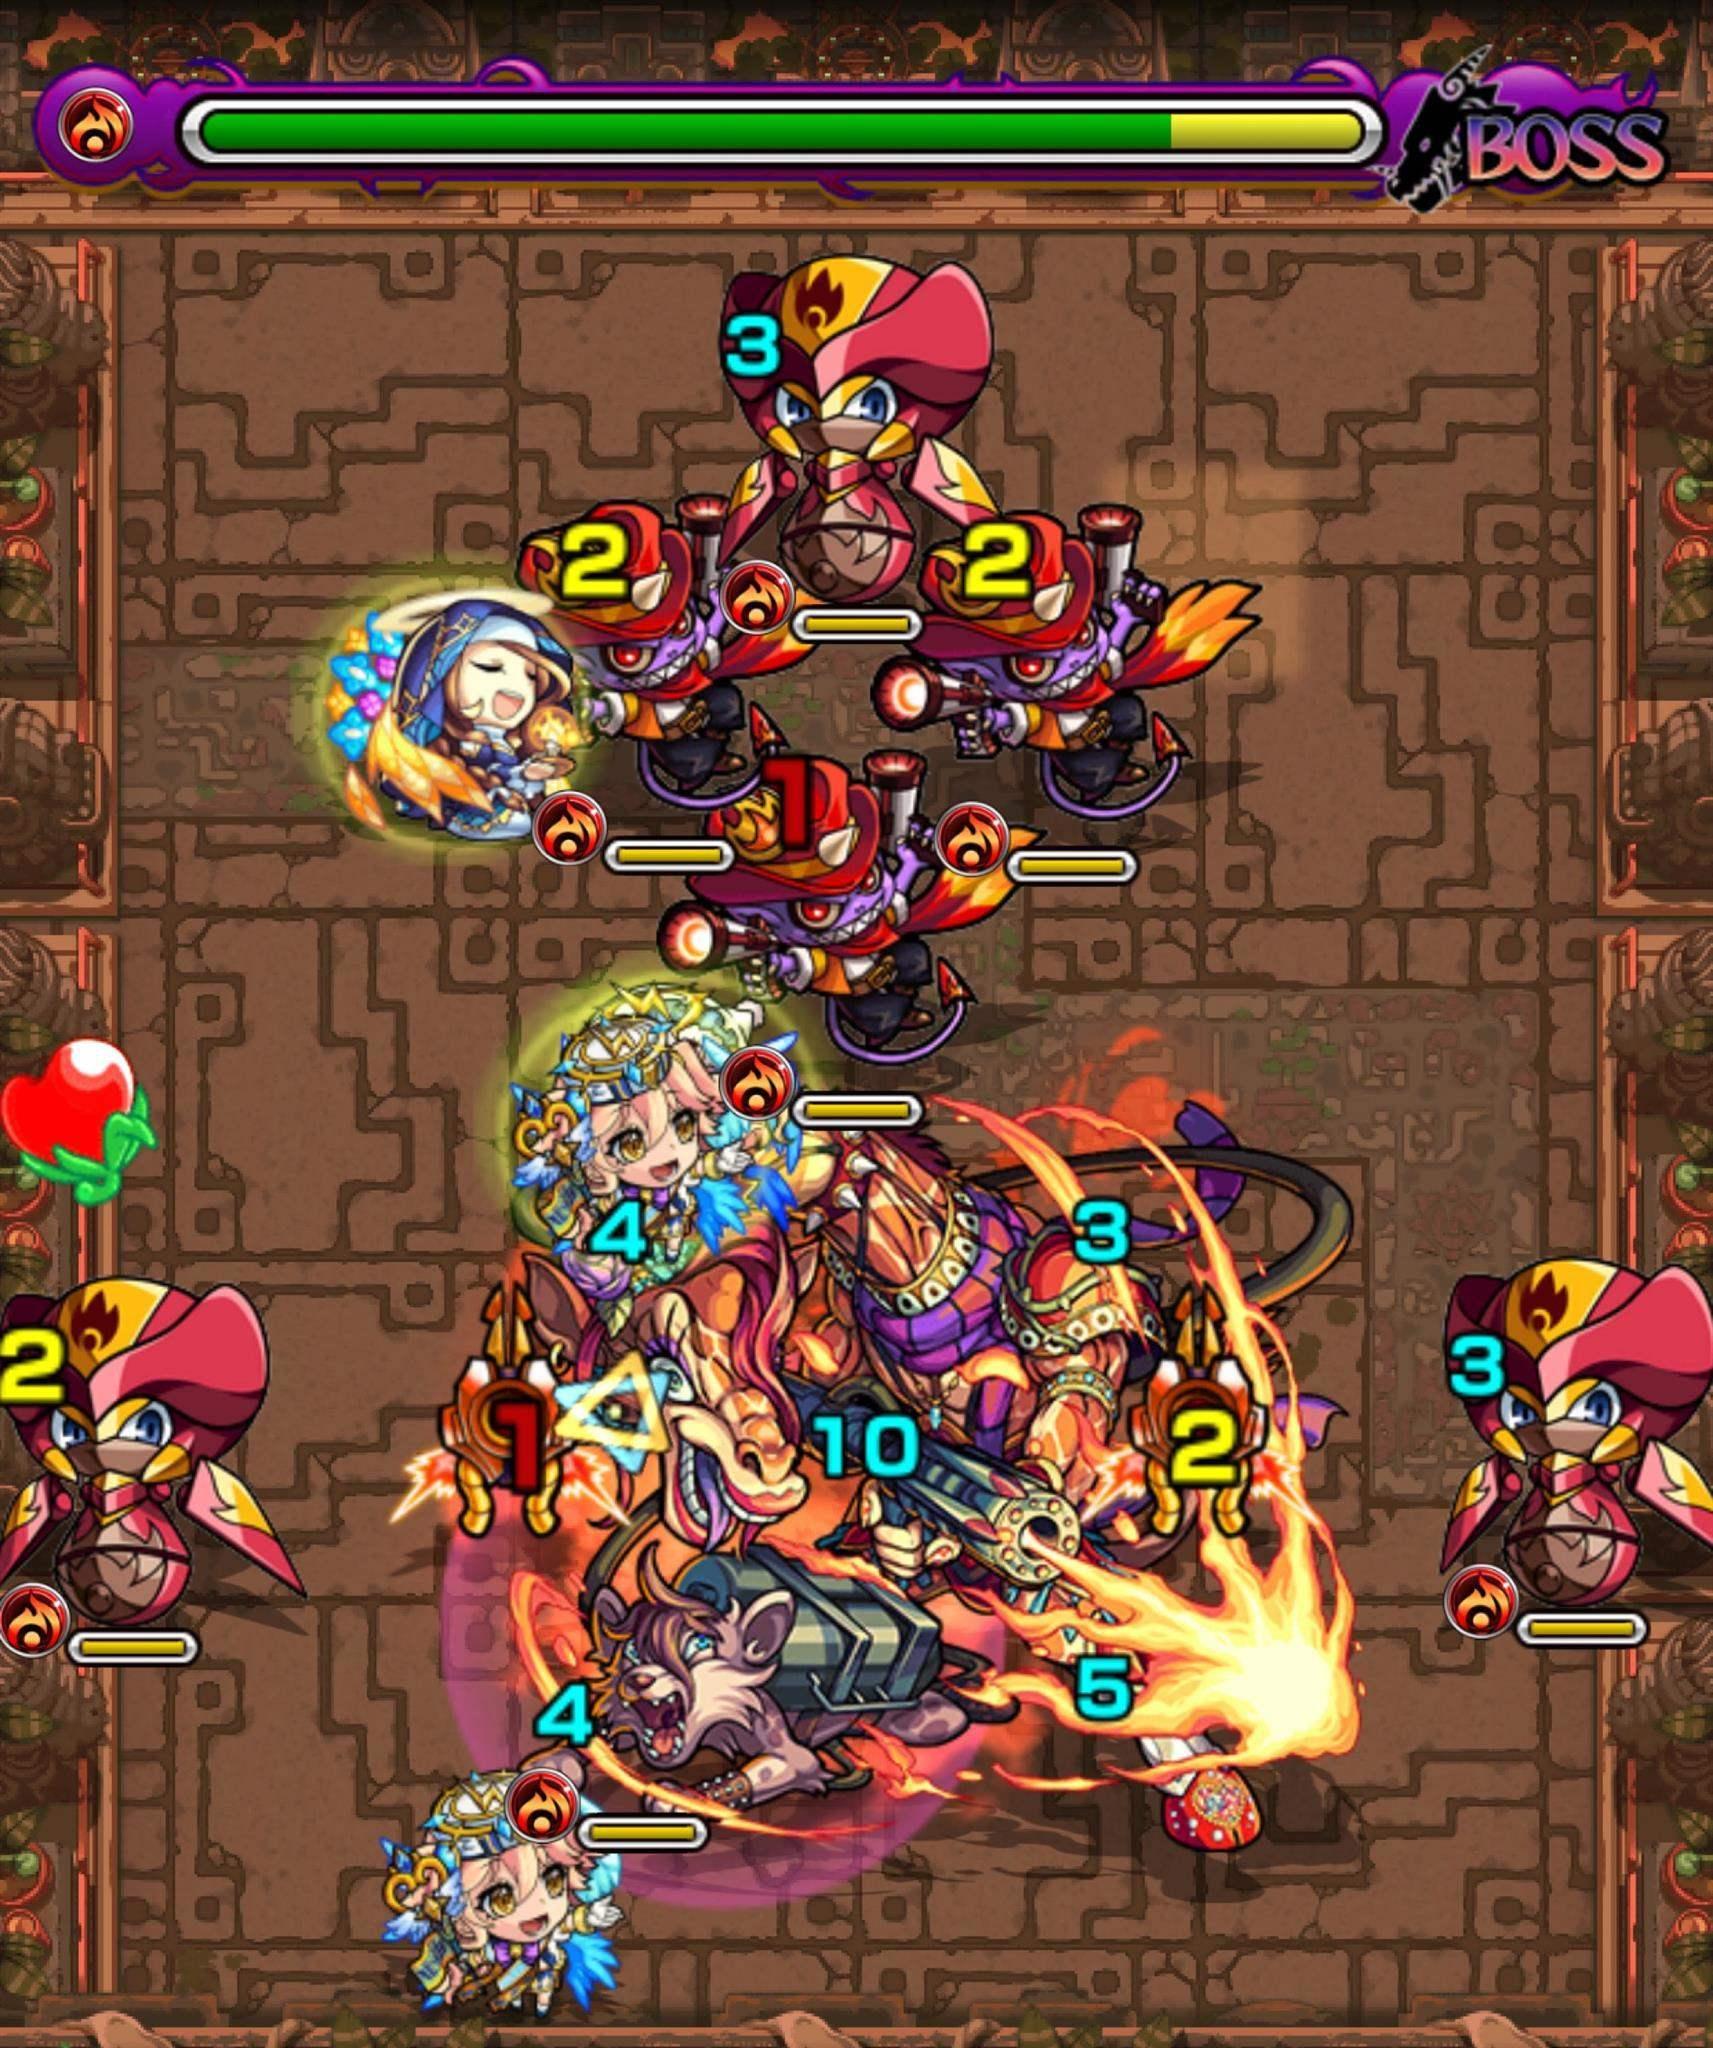 獄炎の神殿(修羅場2)ボス2